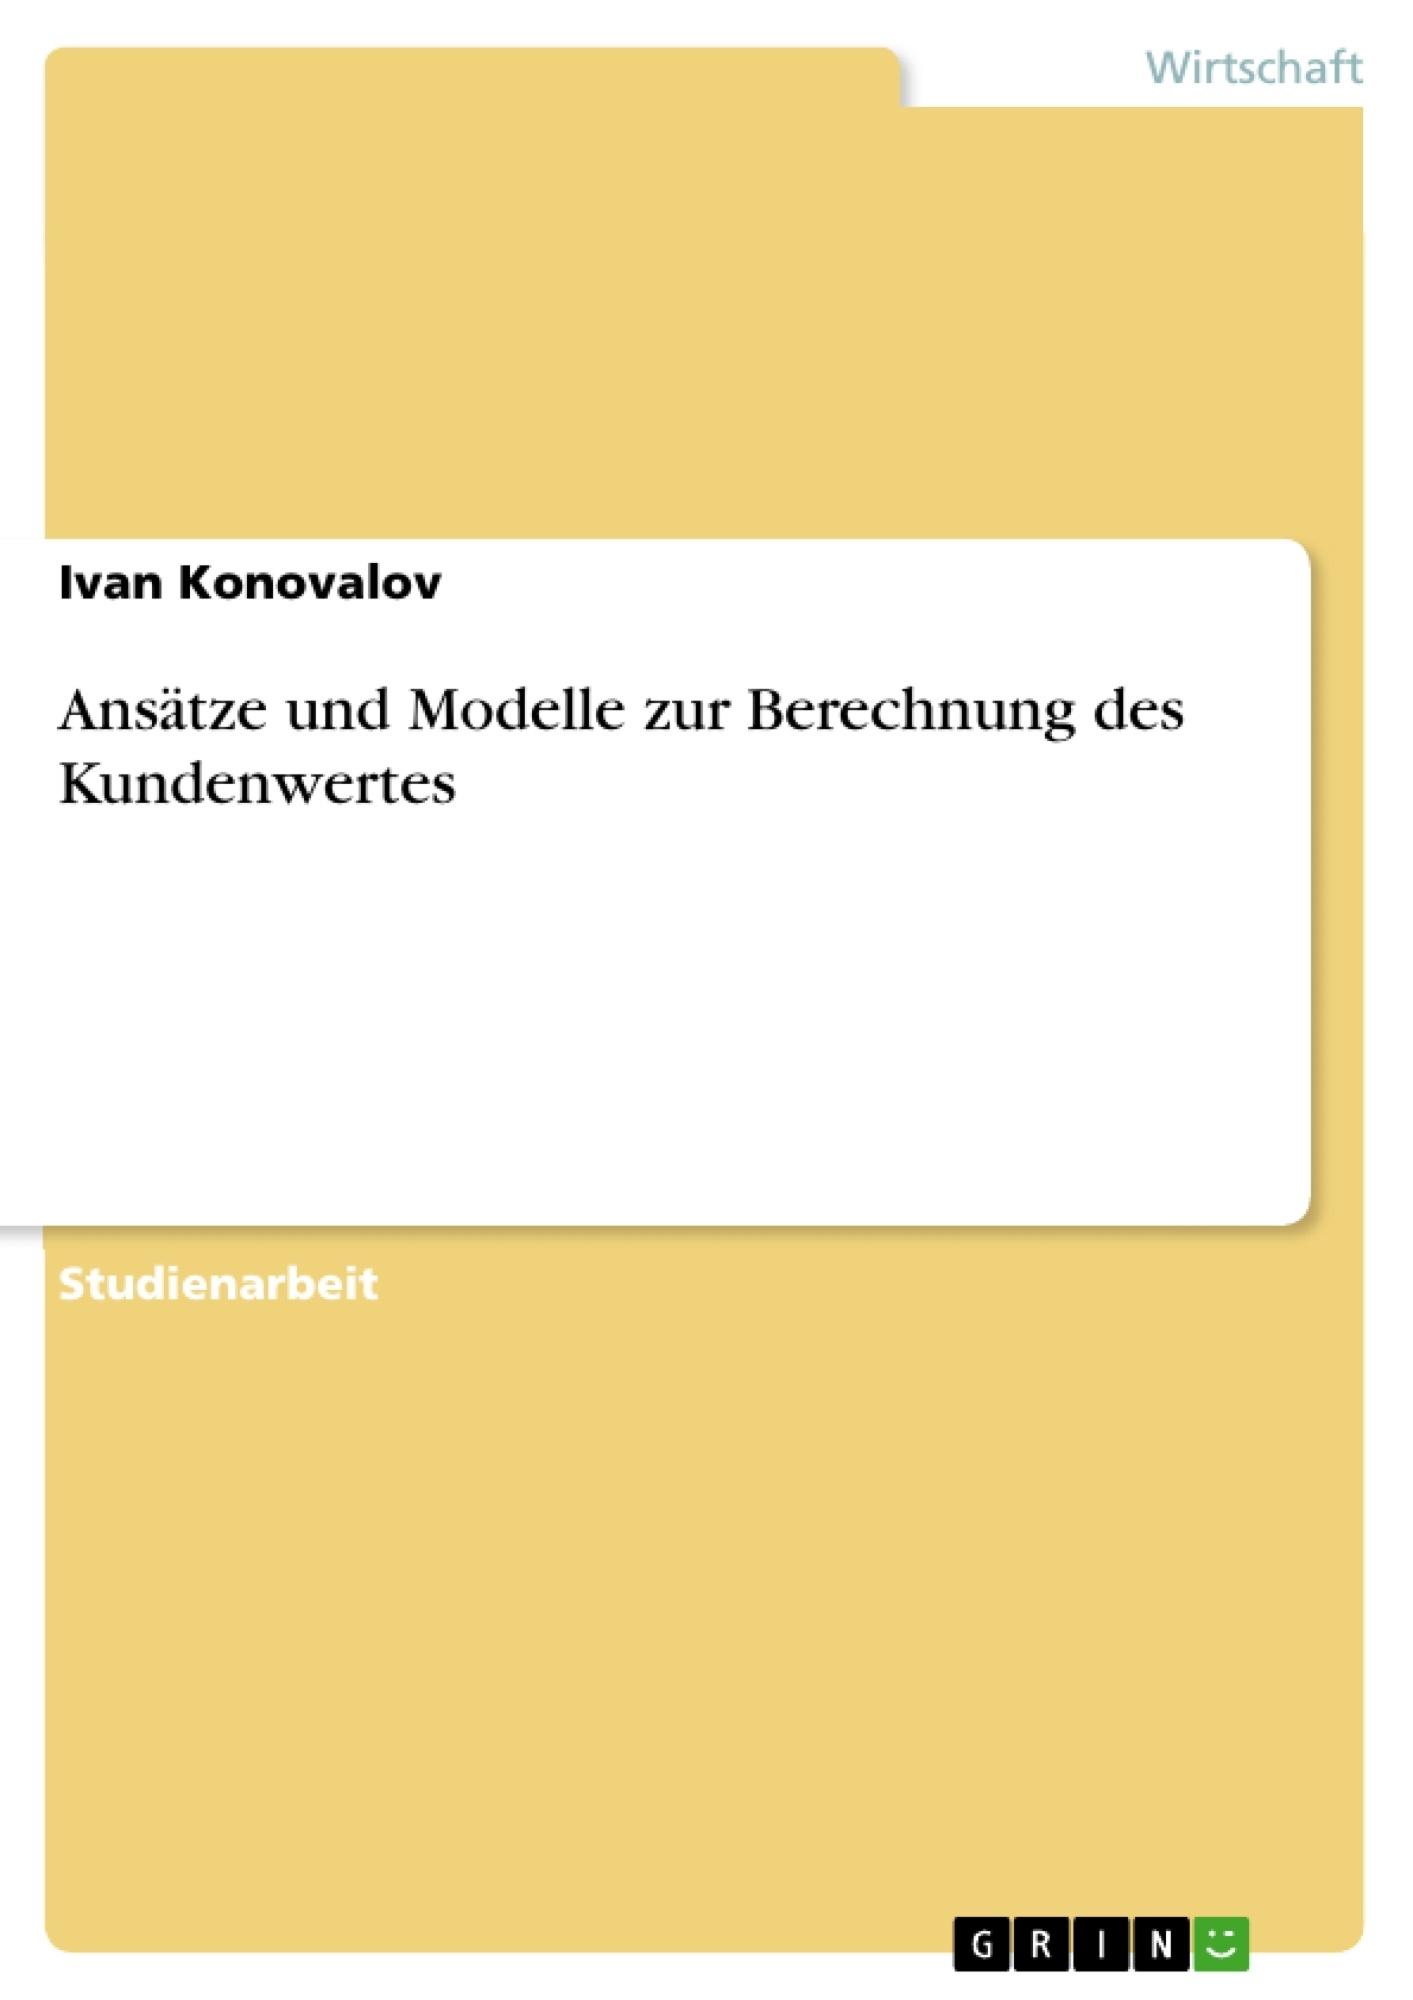 Titel: Ansätze und Modelle zur Berechnung des Kundenwertes